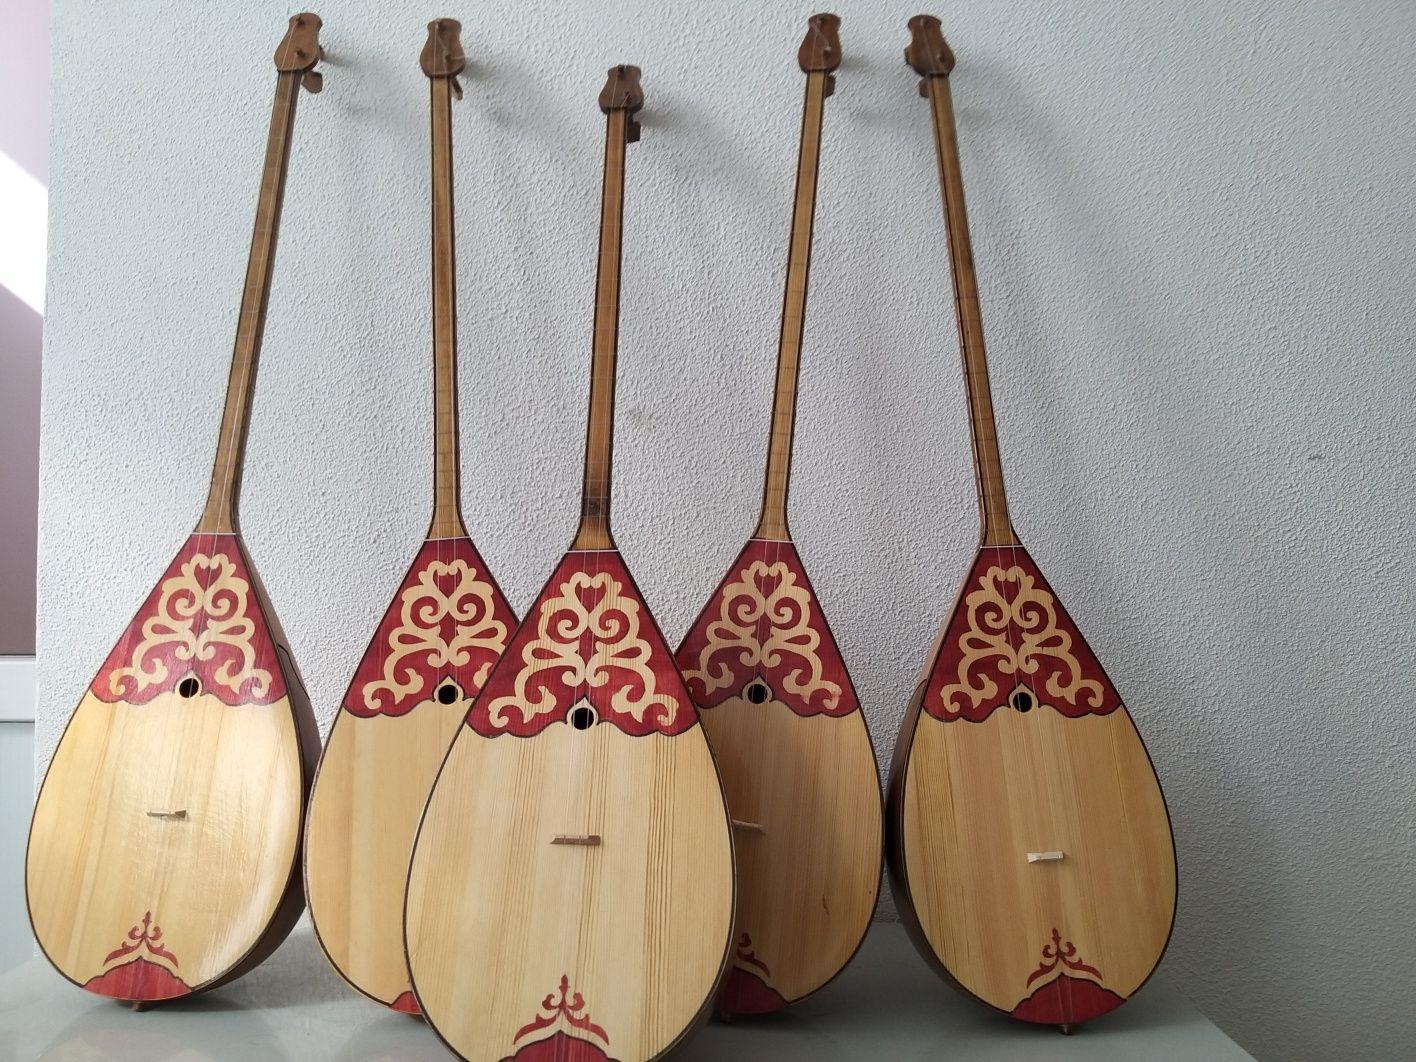 Домбра музыкальный инструмент